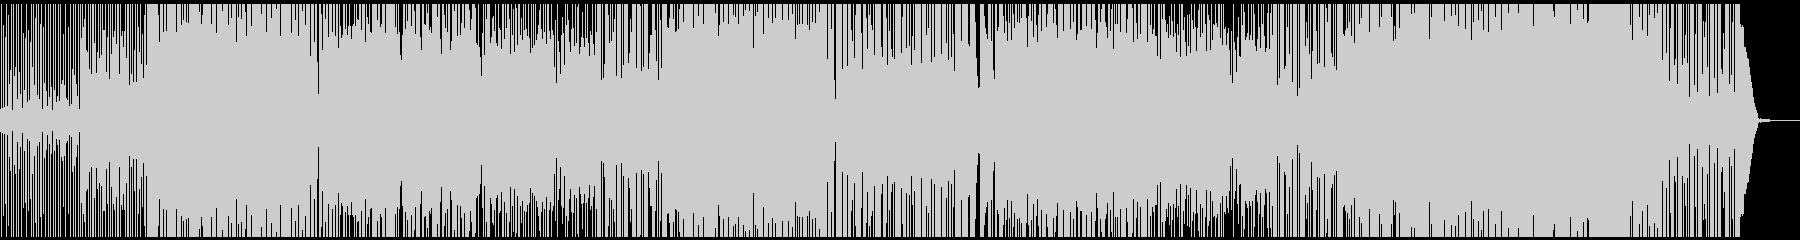 フラメンコの雰囲気満載な曲です。の未再生の波形